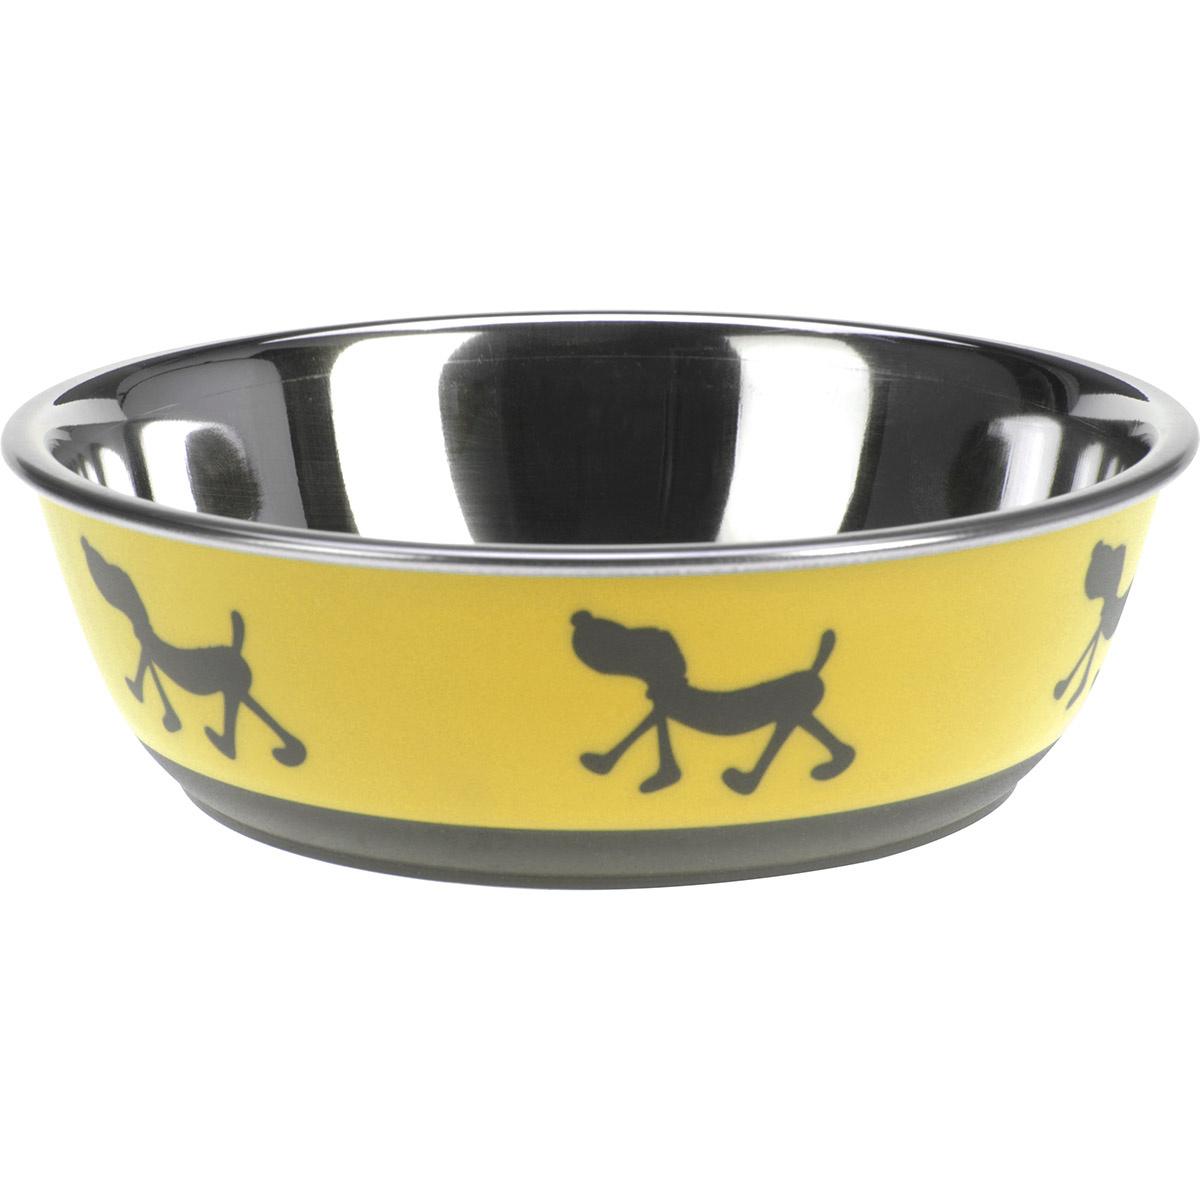 Miska pro psa Doggie treat žlutá, pr. 17,5 cm